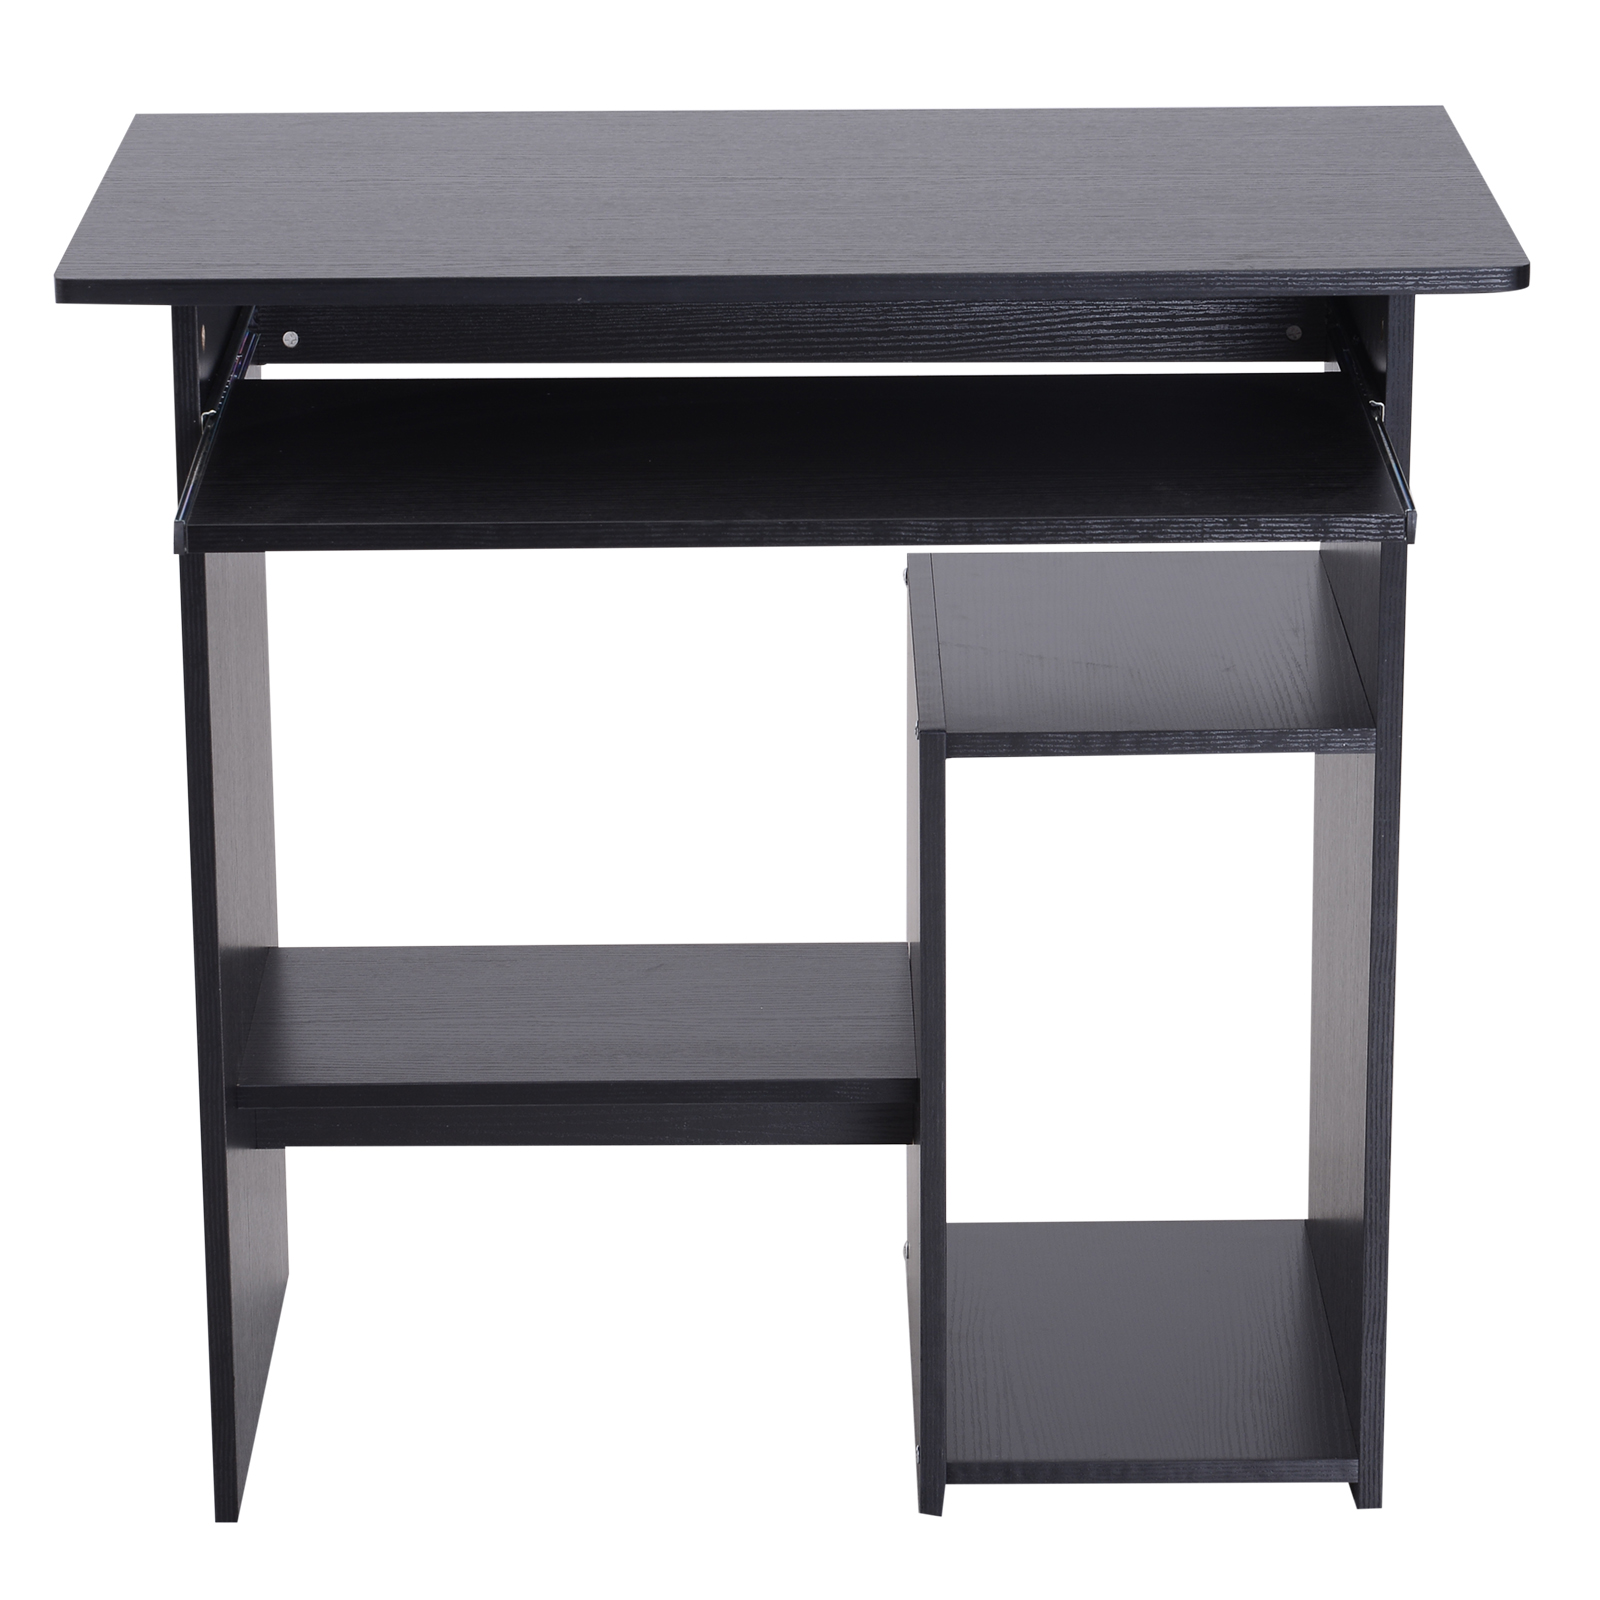 Indexbild 15 - HOMCOM Computertisch Schreibtisch Bürotisch Gamingtisch PC-Tisch Weiß/Schwarz